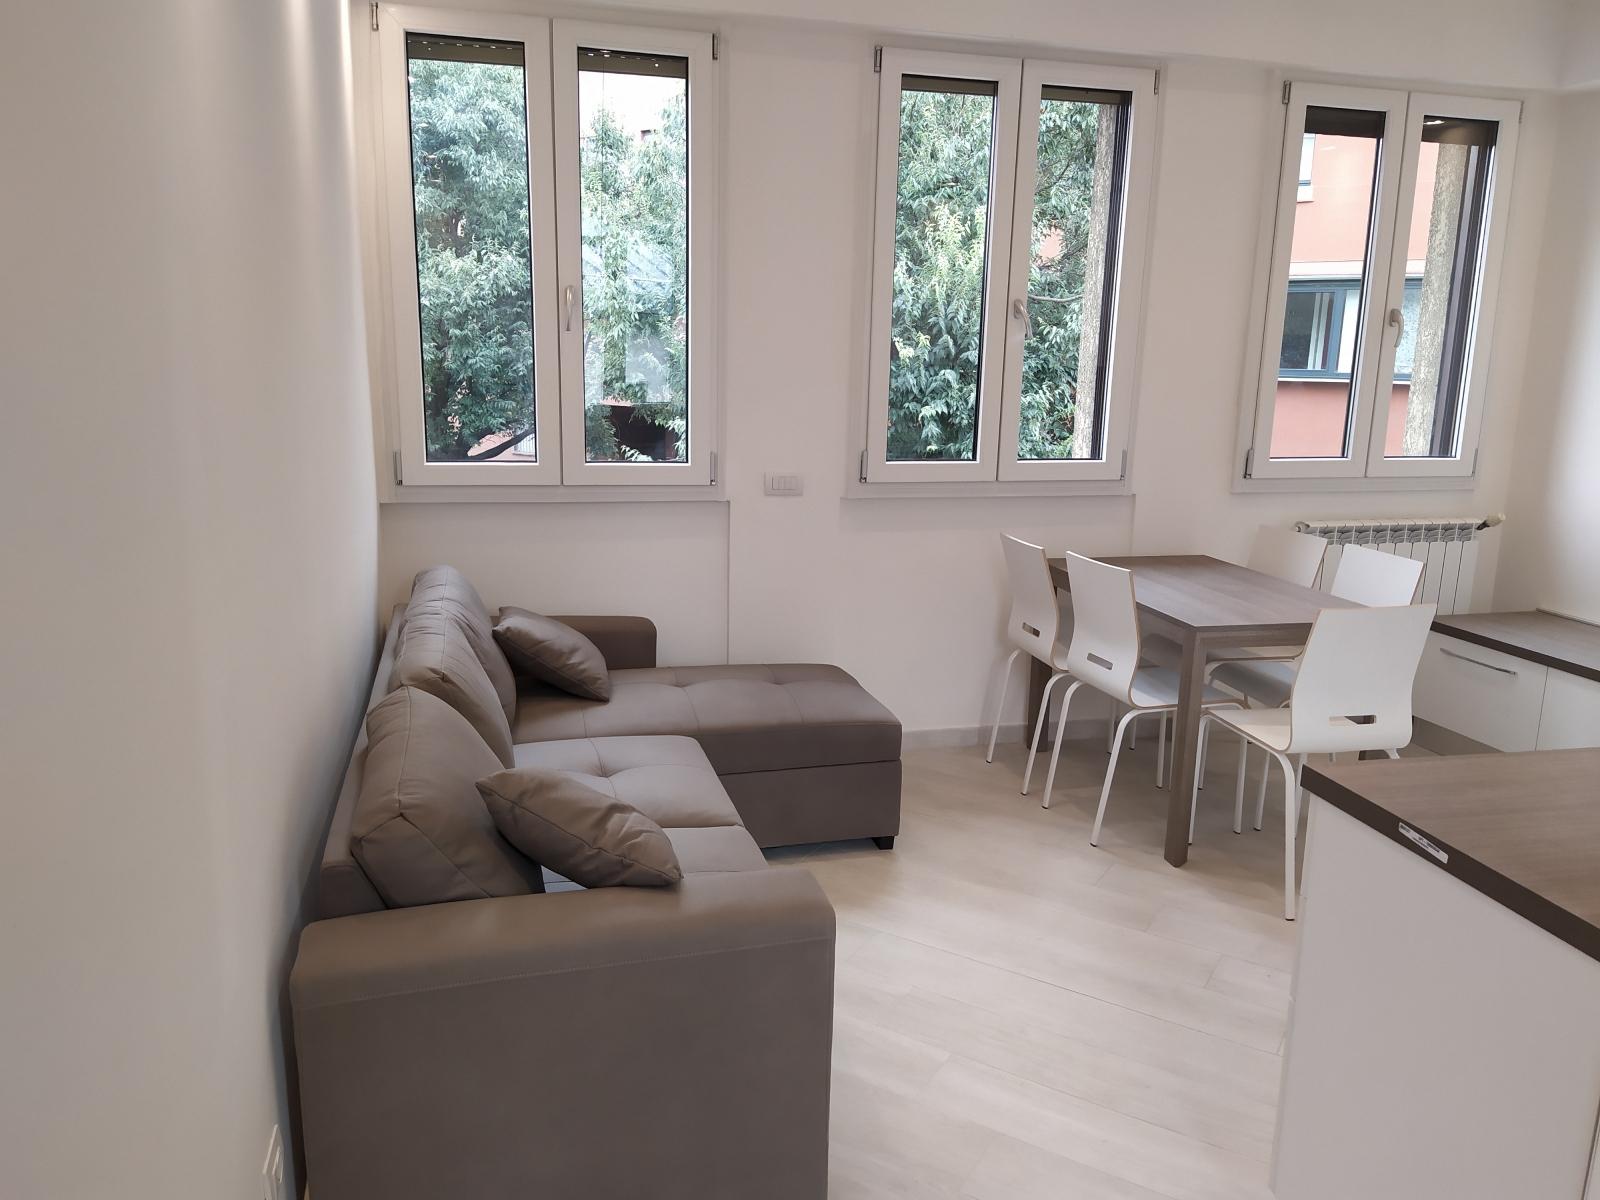 appartamento-in-vendita-milano-bovisa-piazza-dergano-3-locali-con-terrazzo-spaziourbano-immobiliare-vende-3